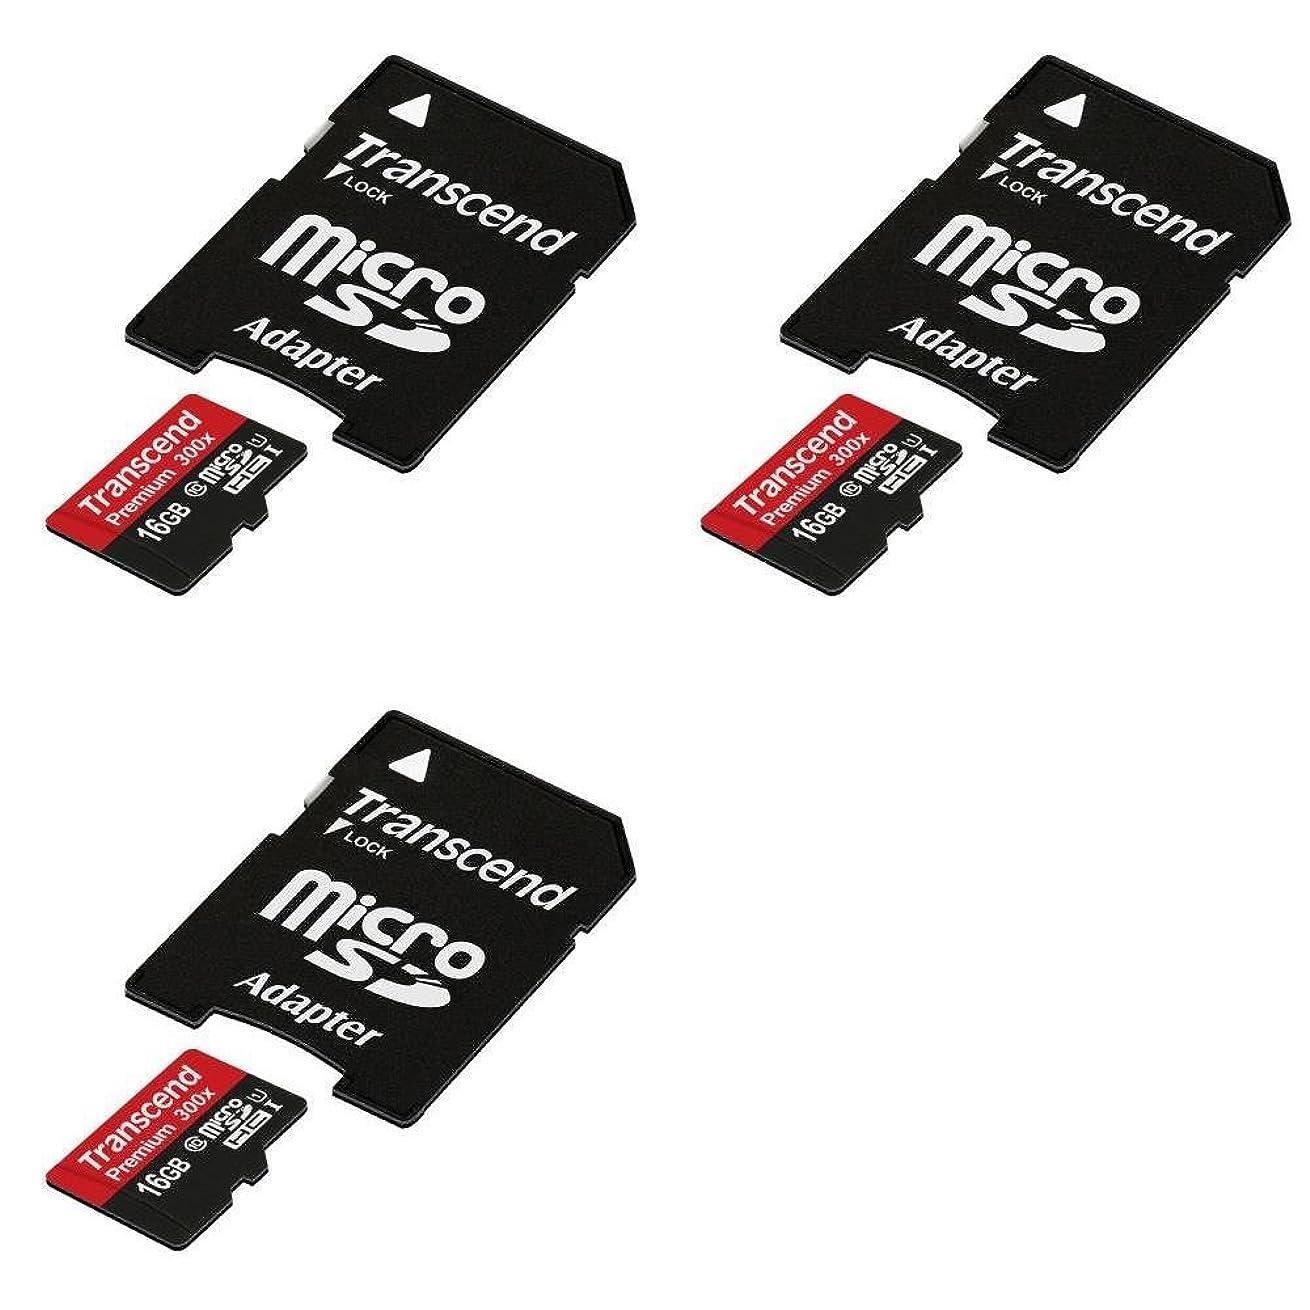 間に合わせノミネート作動する3?x数量のWalkera QR x350?Pro FPV Transcend 16?GB microSDHC class10?UHS - 1メモリーカードとアダプタ45?MB / s ts64gusdu1e?–?Fastからオーランド、フロリダ州USA 。